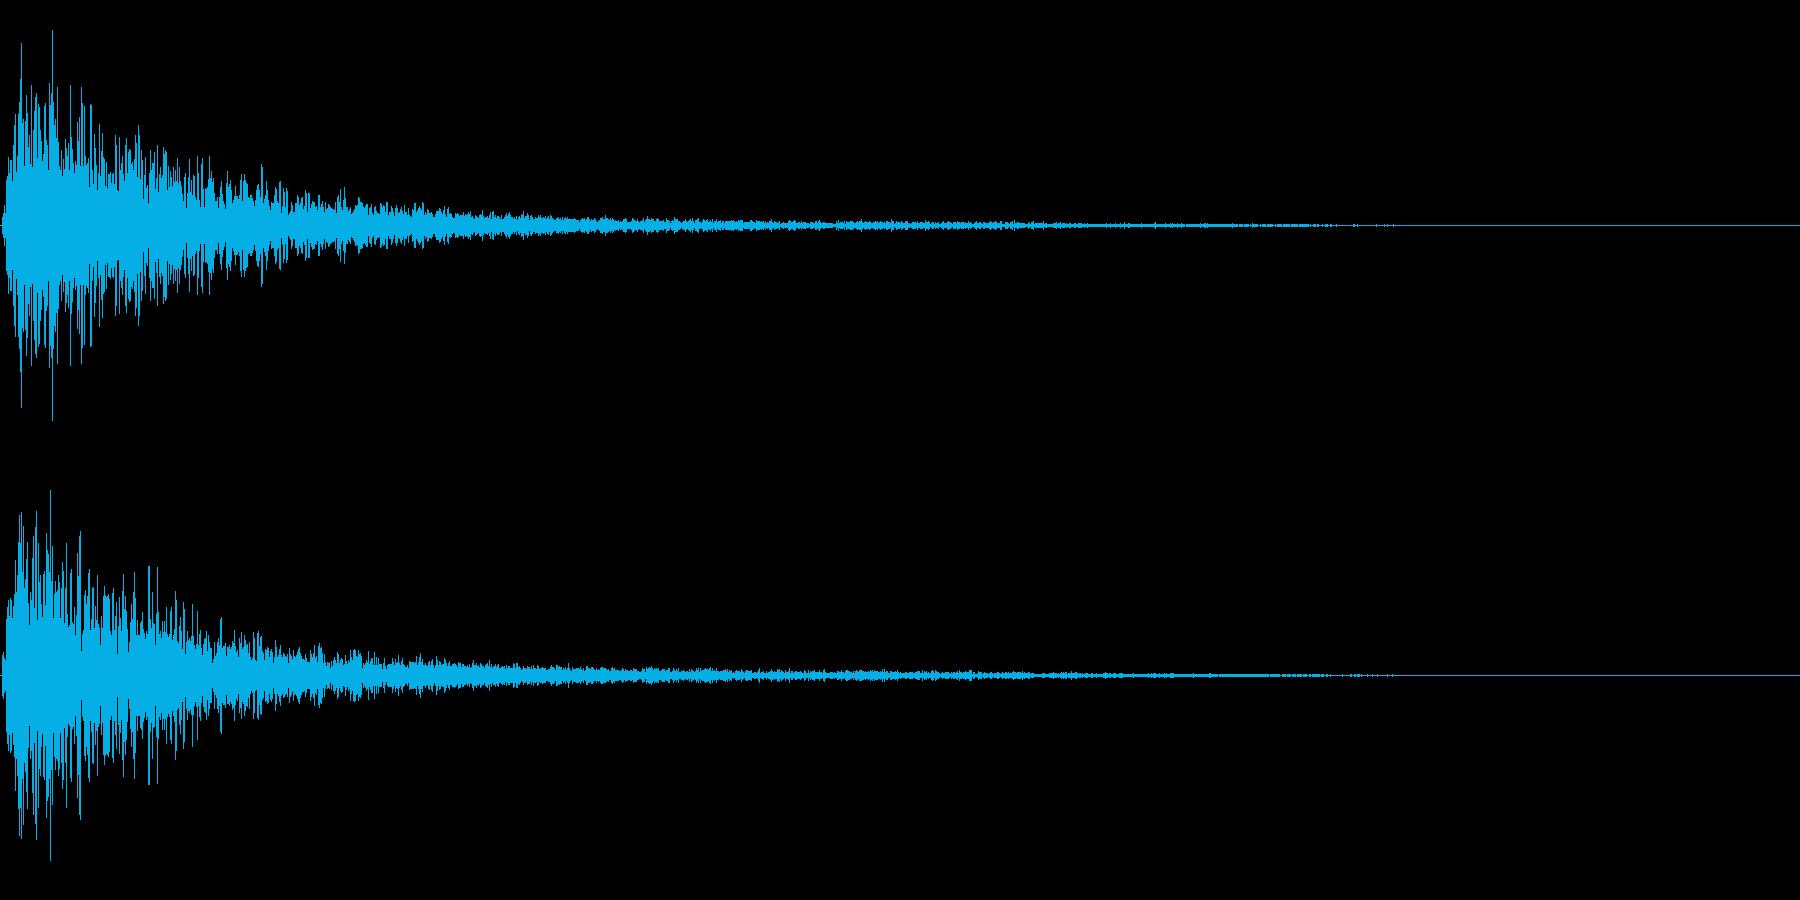 バーン衝撃音ホラーサスペンスに最適のSEの再生済みの波形